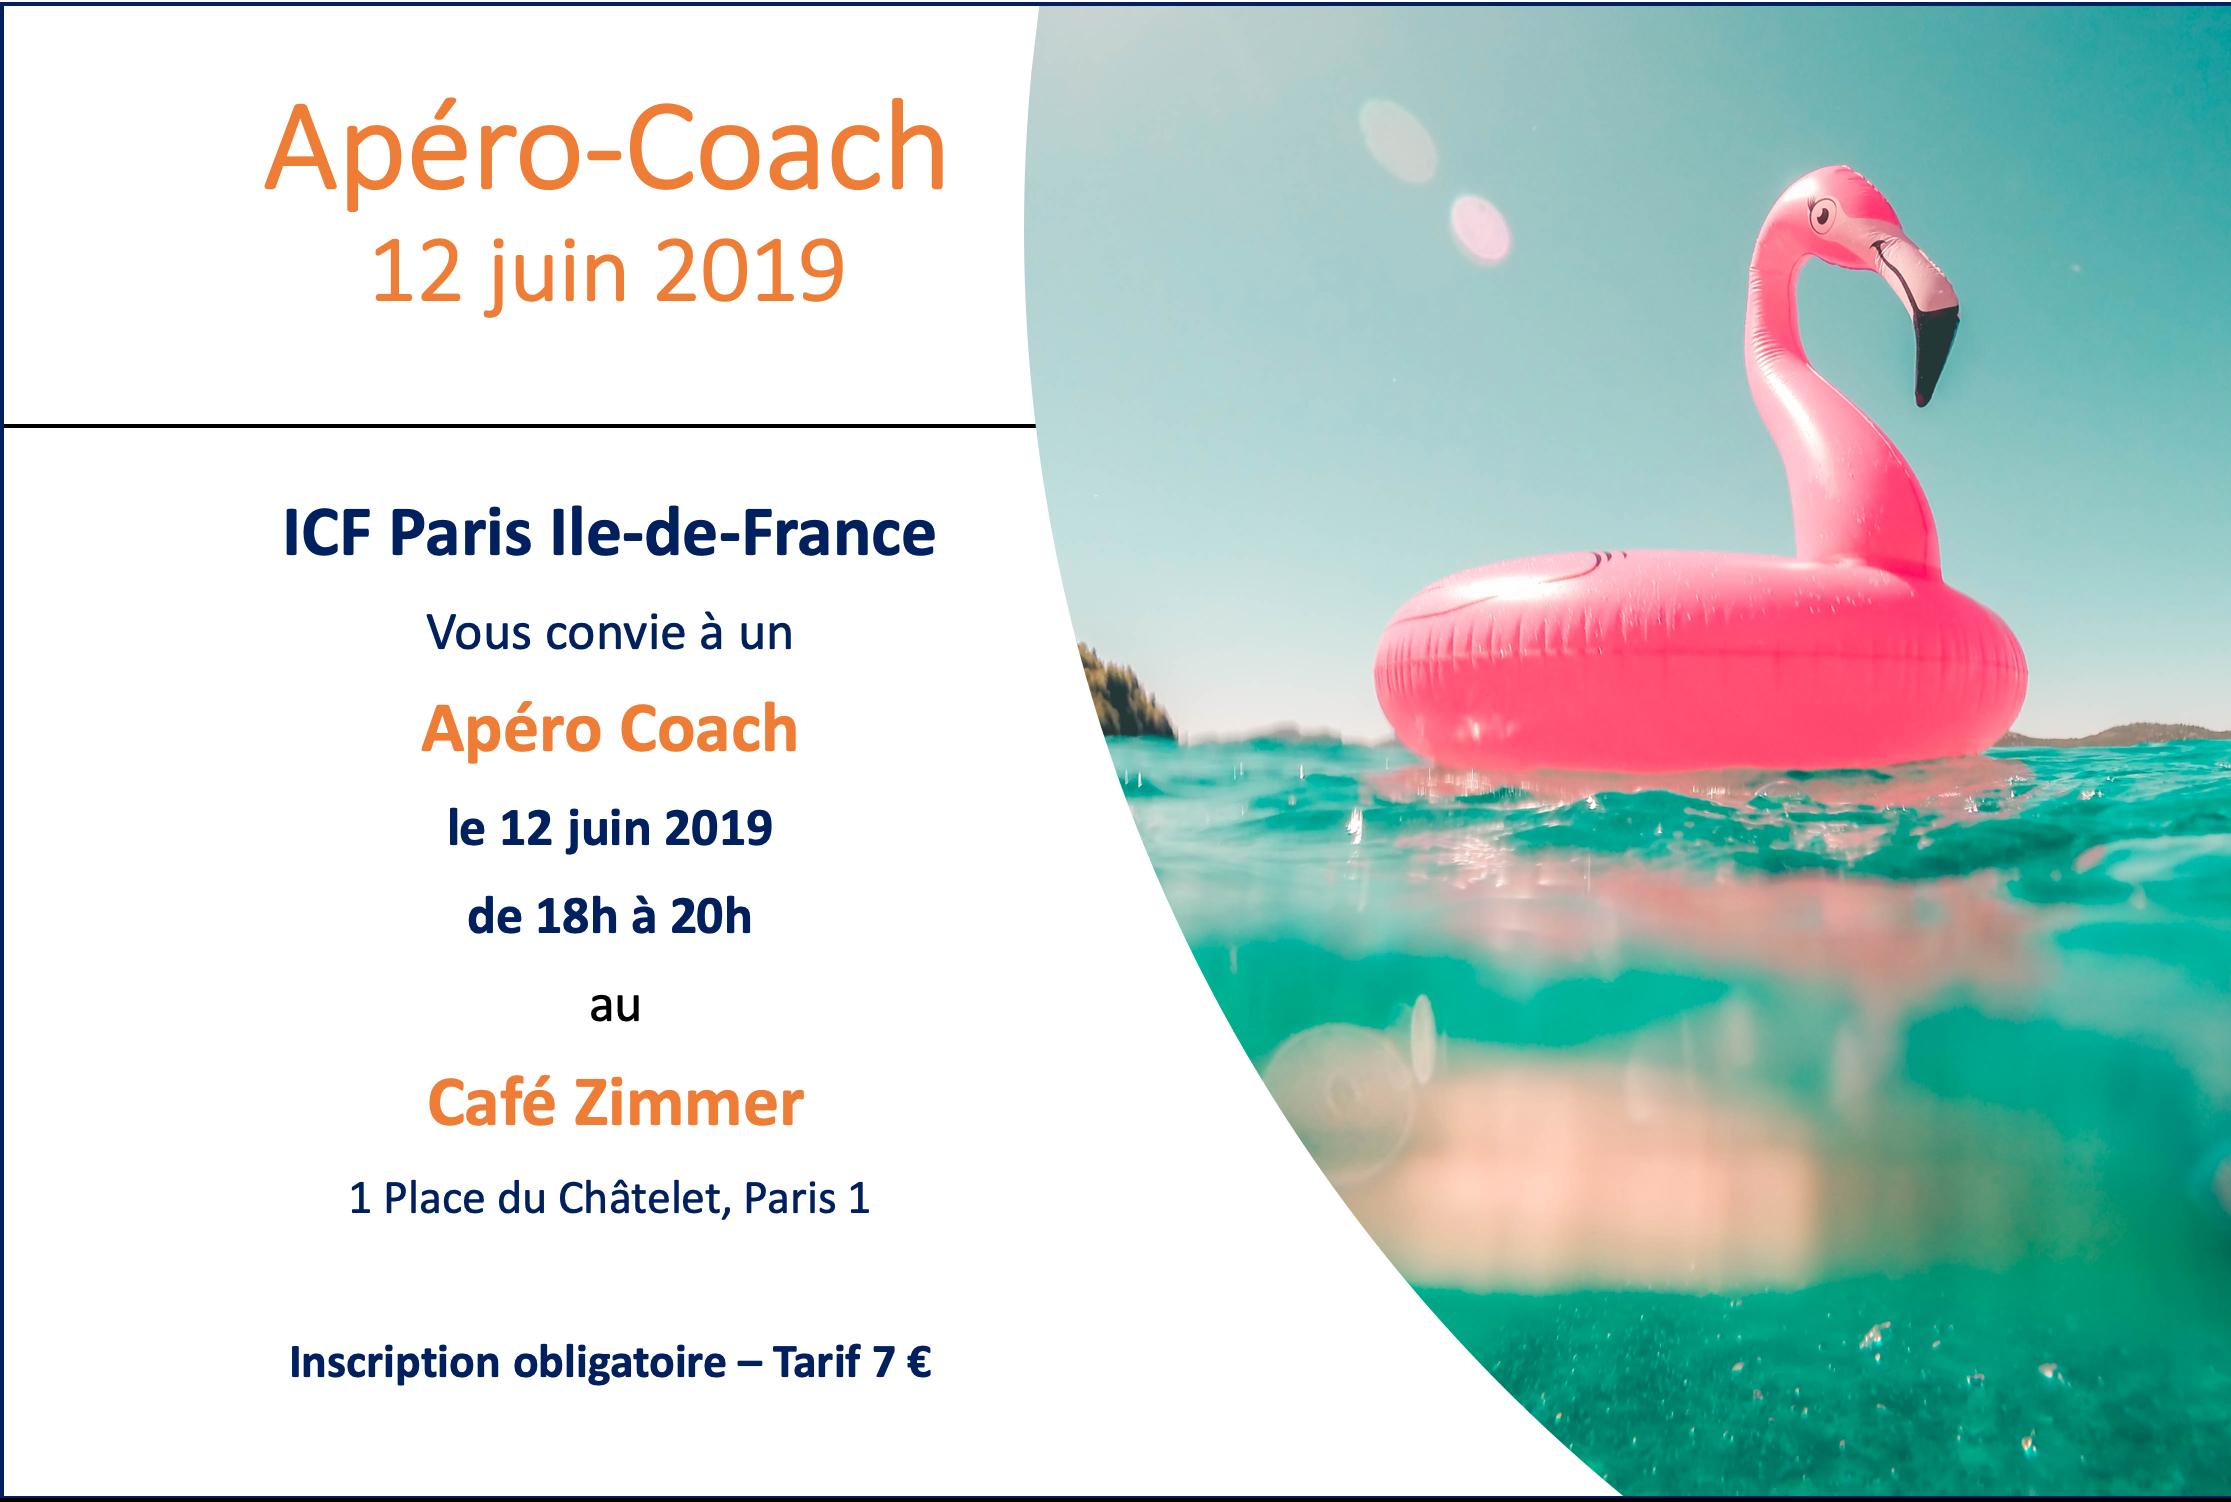 Apero coach 12 juin 2019 IDF